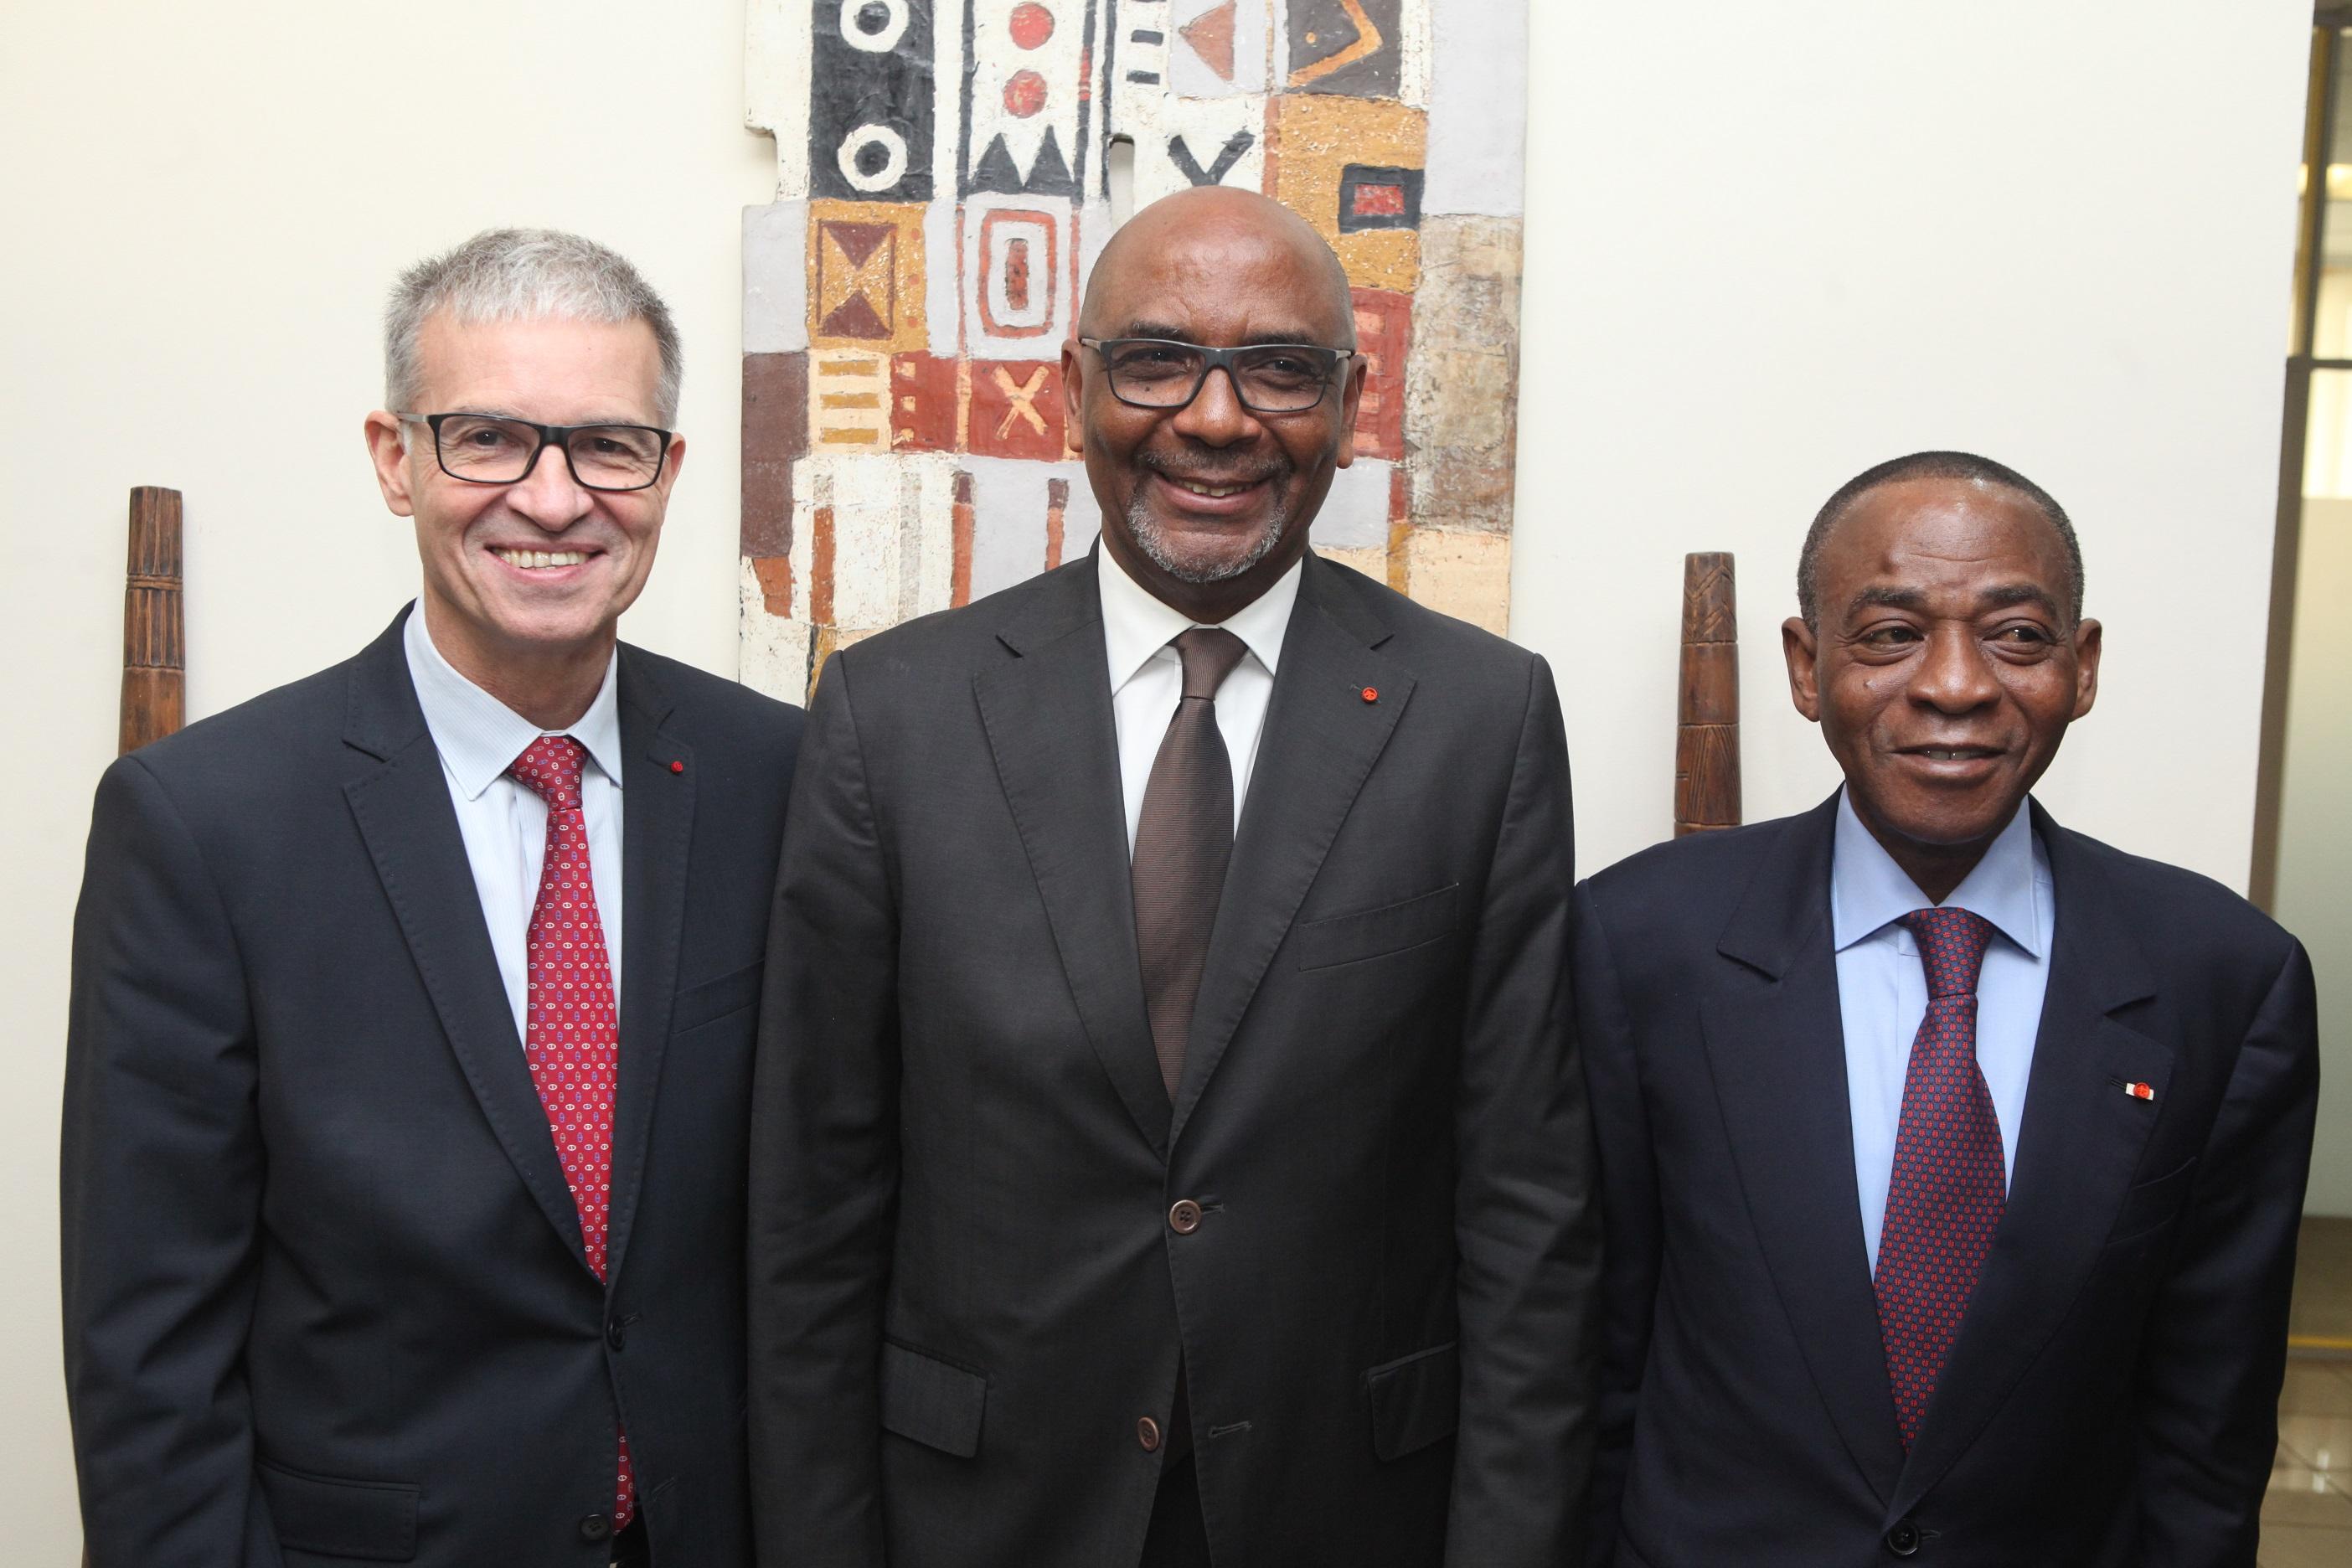 Renforcement de coopération: Les Présidents de Conseil Economique et Social ivoirien et français ont eu une rencontre d'échanges avec la CGECI